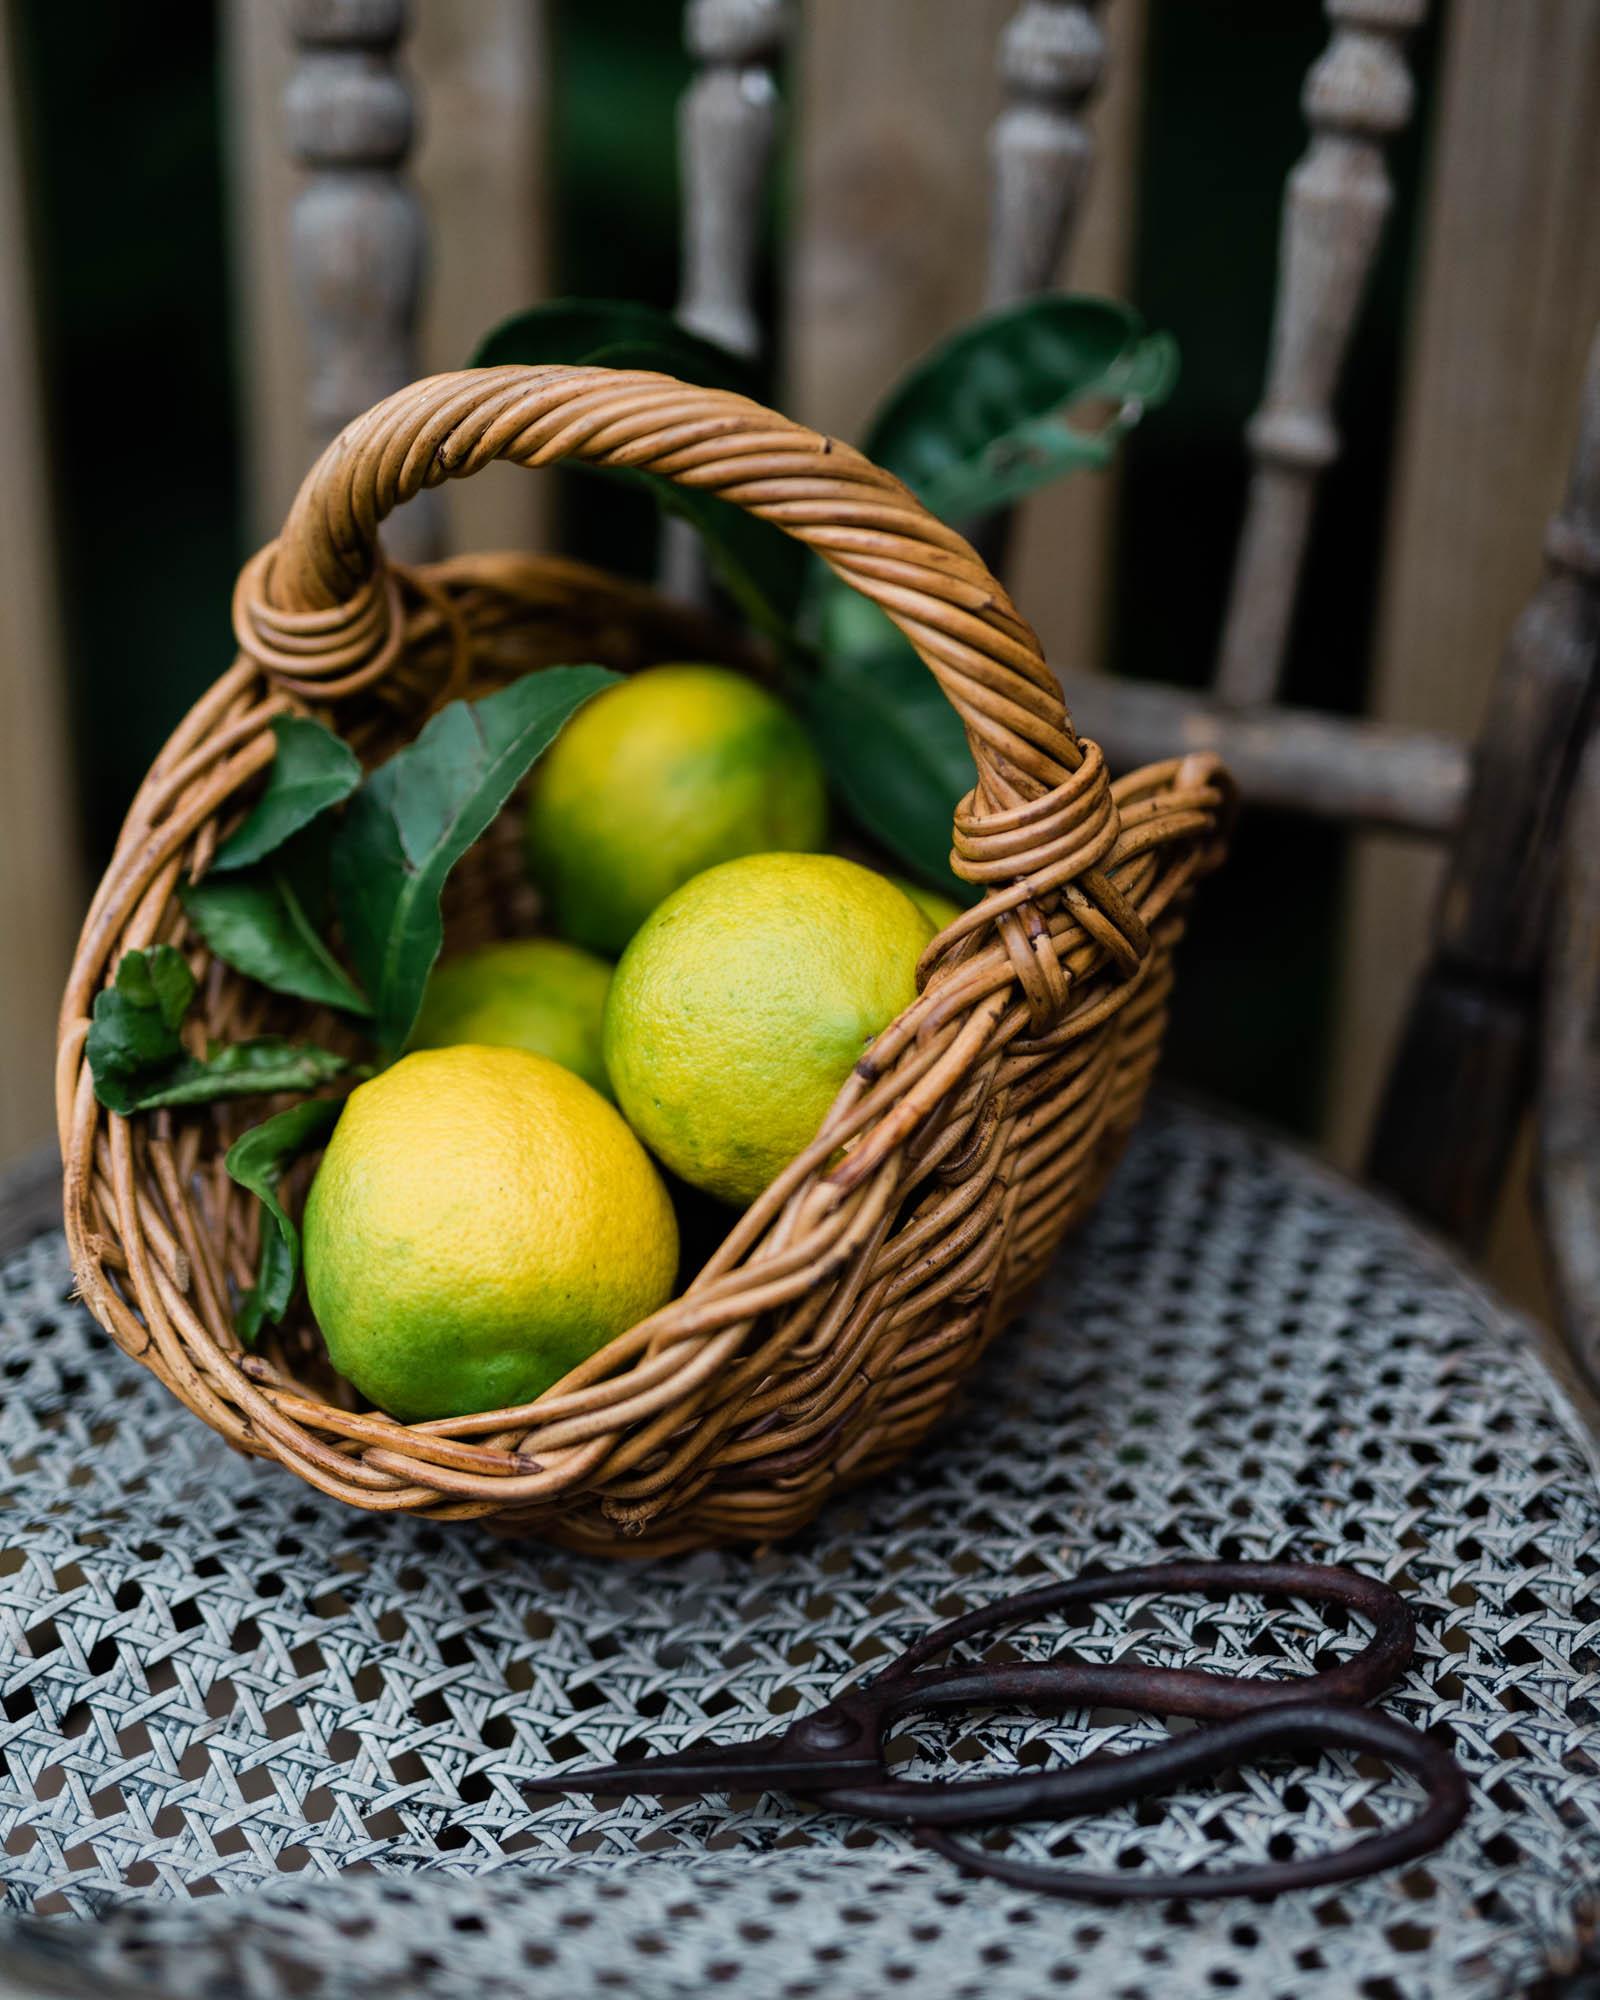 IG-lemons-5832.jpg